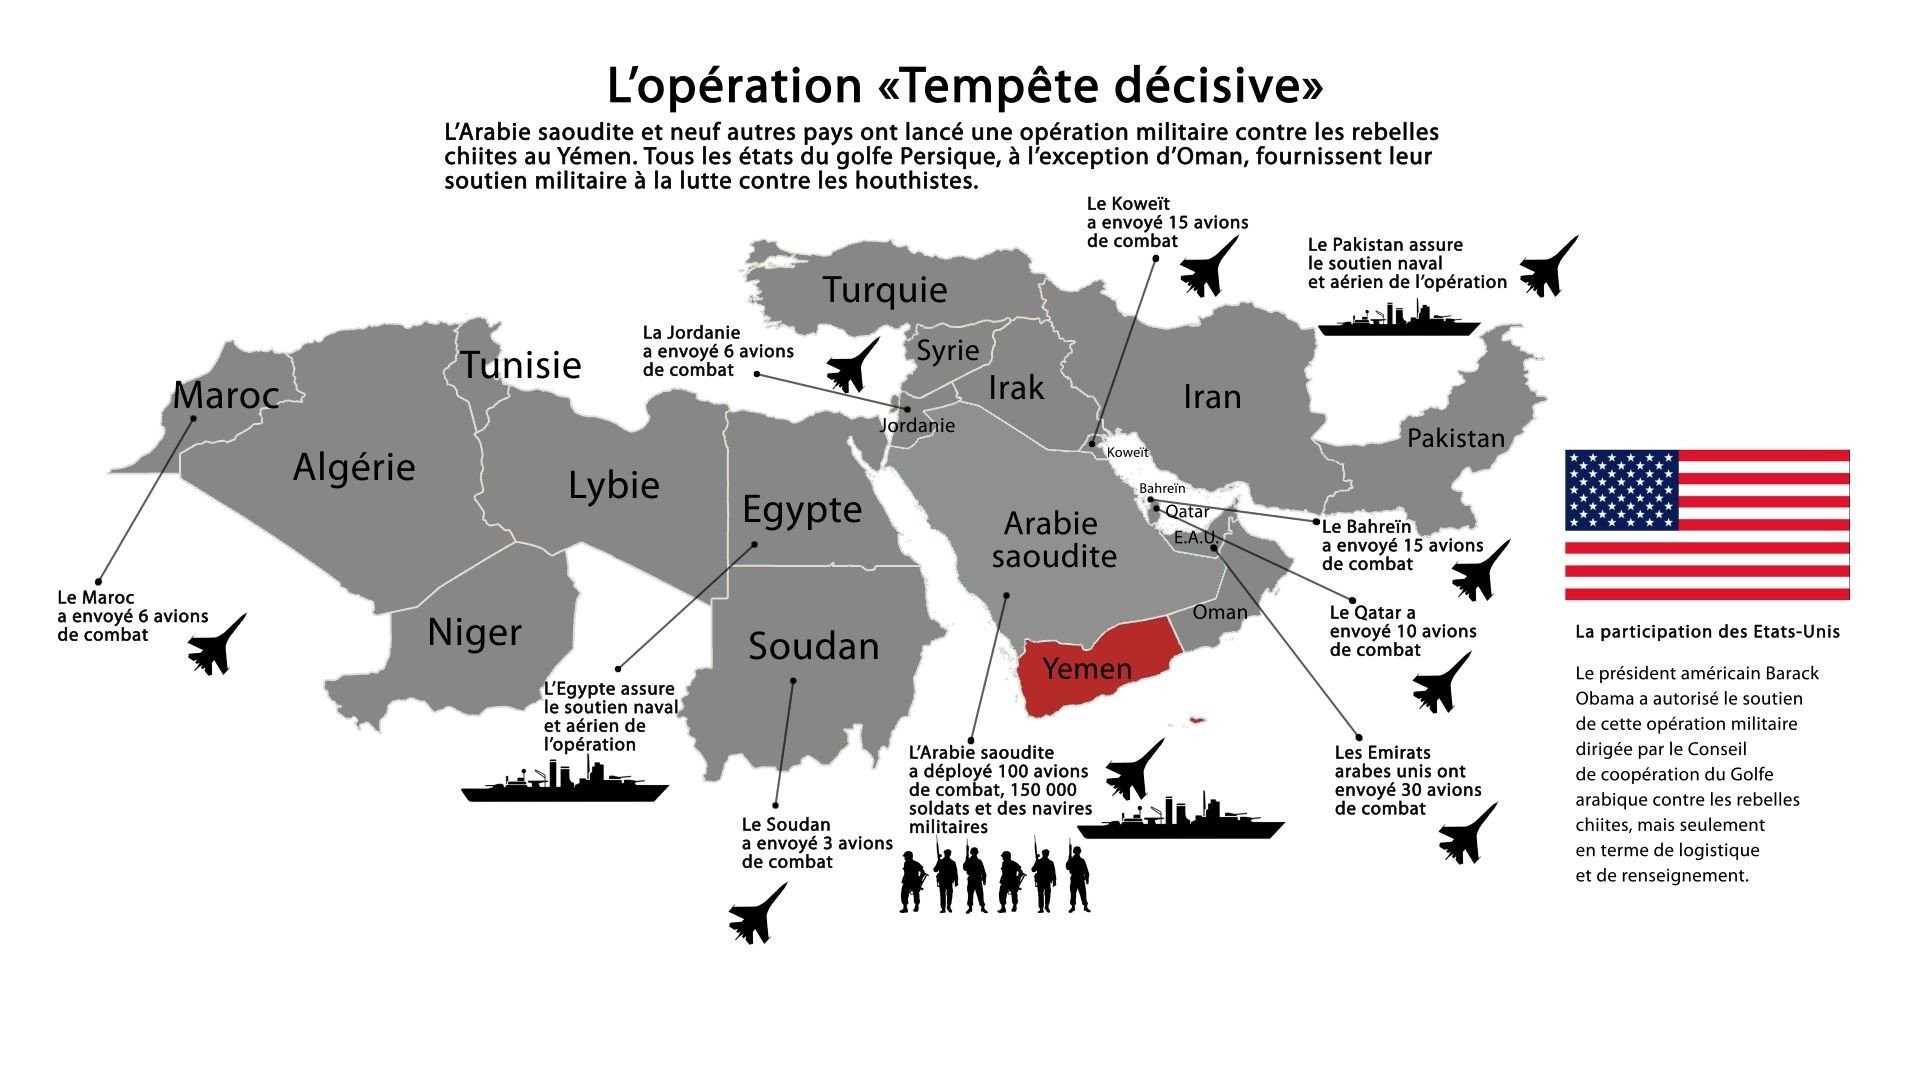 La marine américaine annonce que des navires US font route vers le Yémen